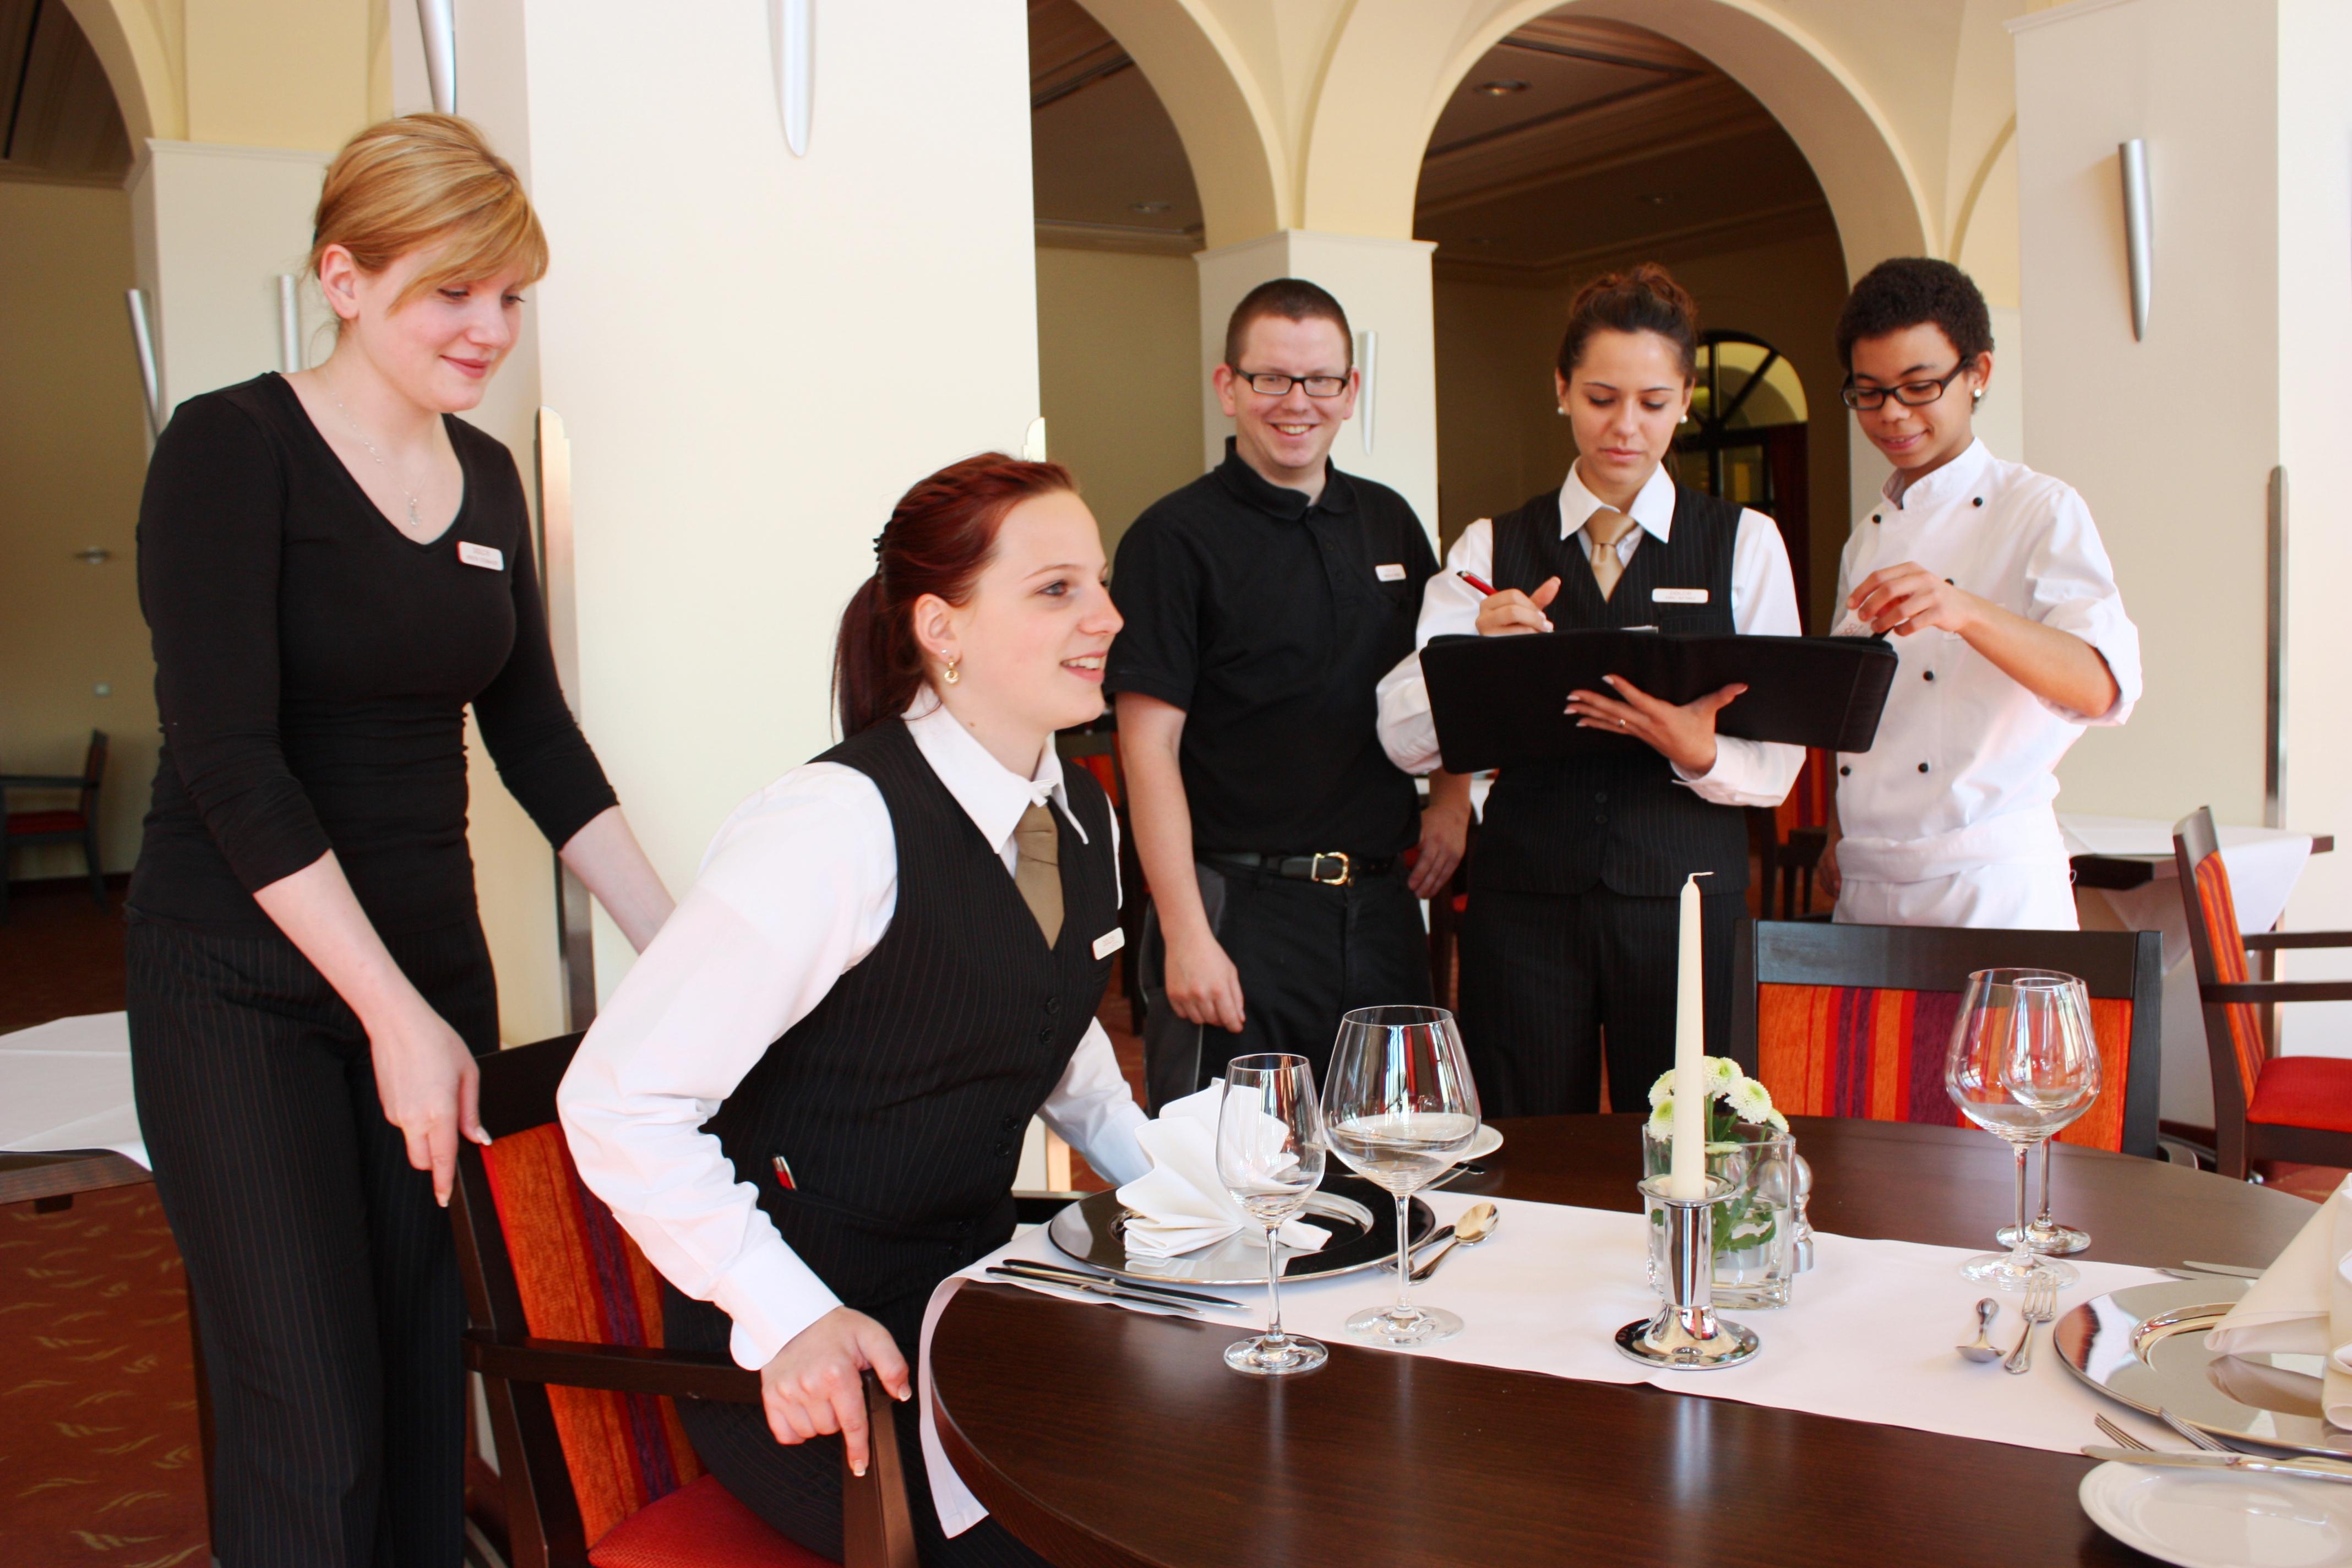 Dolce Bad Nauheim: Business-Knigge für Azubis - Seminar für geschliffene Umgangsformen bei - Benimmregeln erleben eine Renaissance - Besonders im Hotelgewerbe ist guter Stil unerlässlich